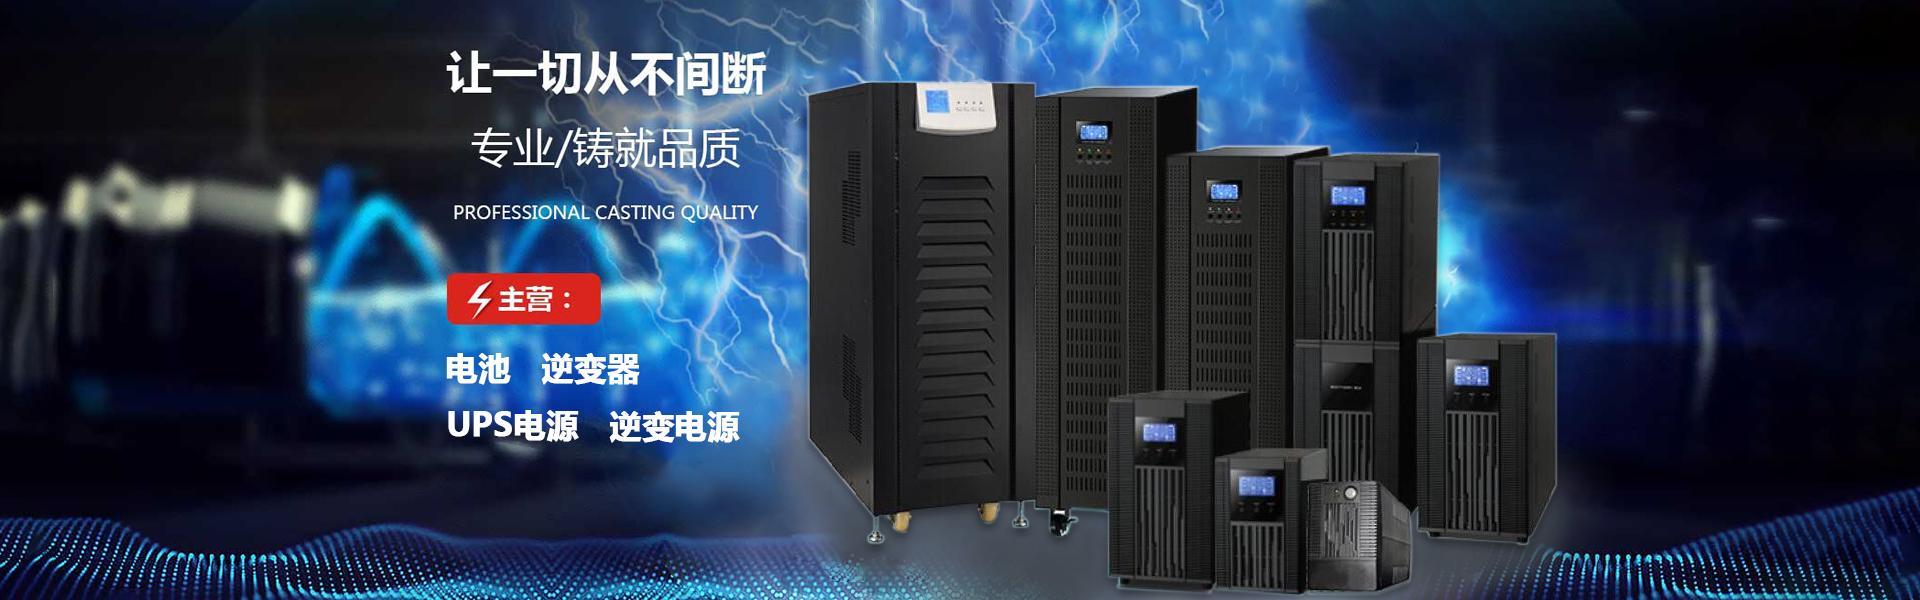 深圳华达电池